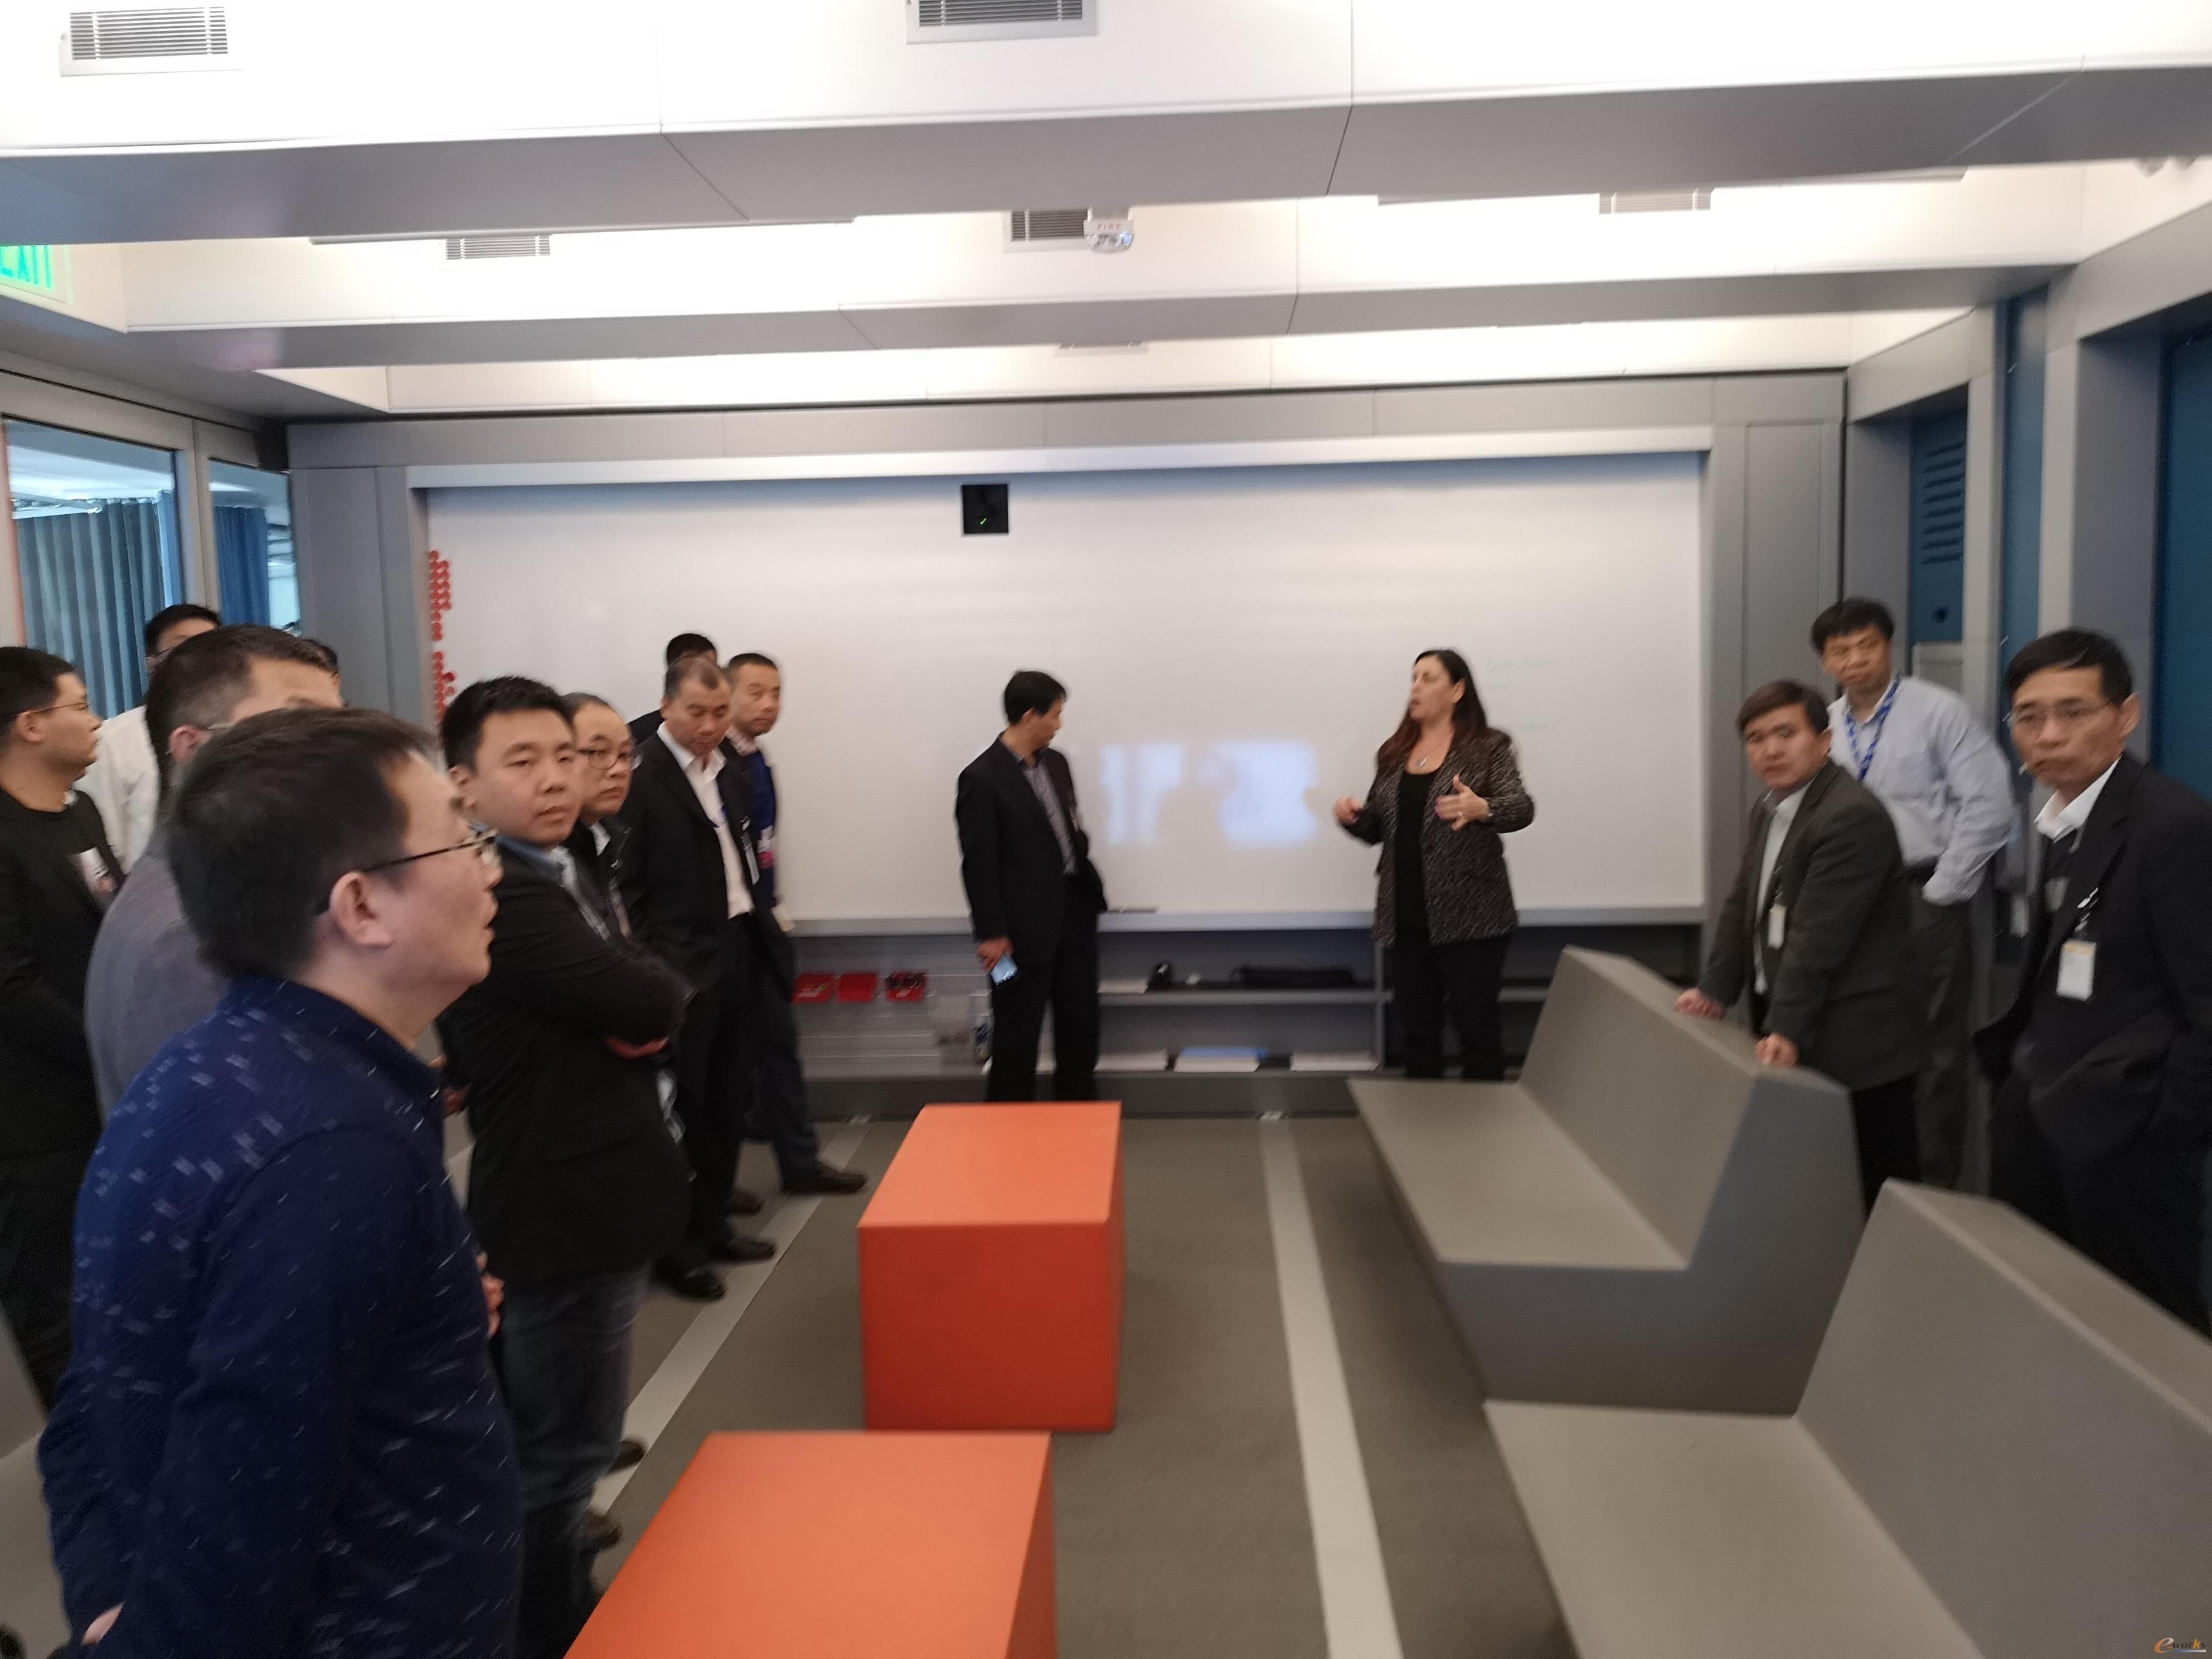 考察团成员参观头脑风暴会议室